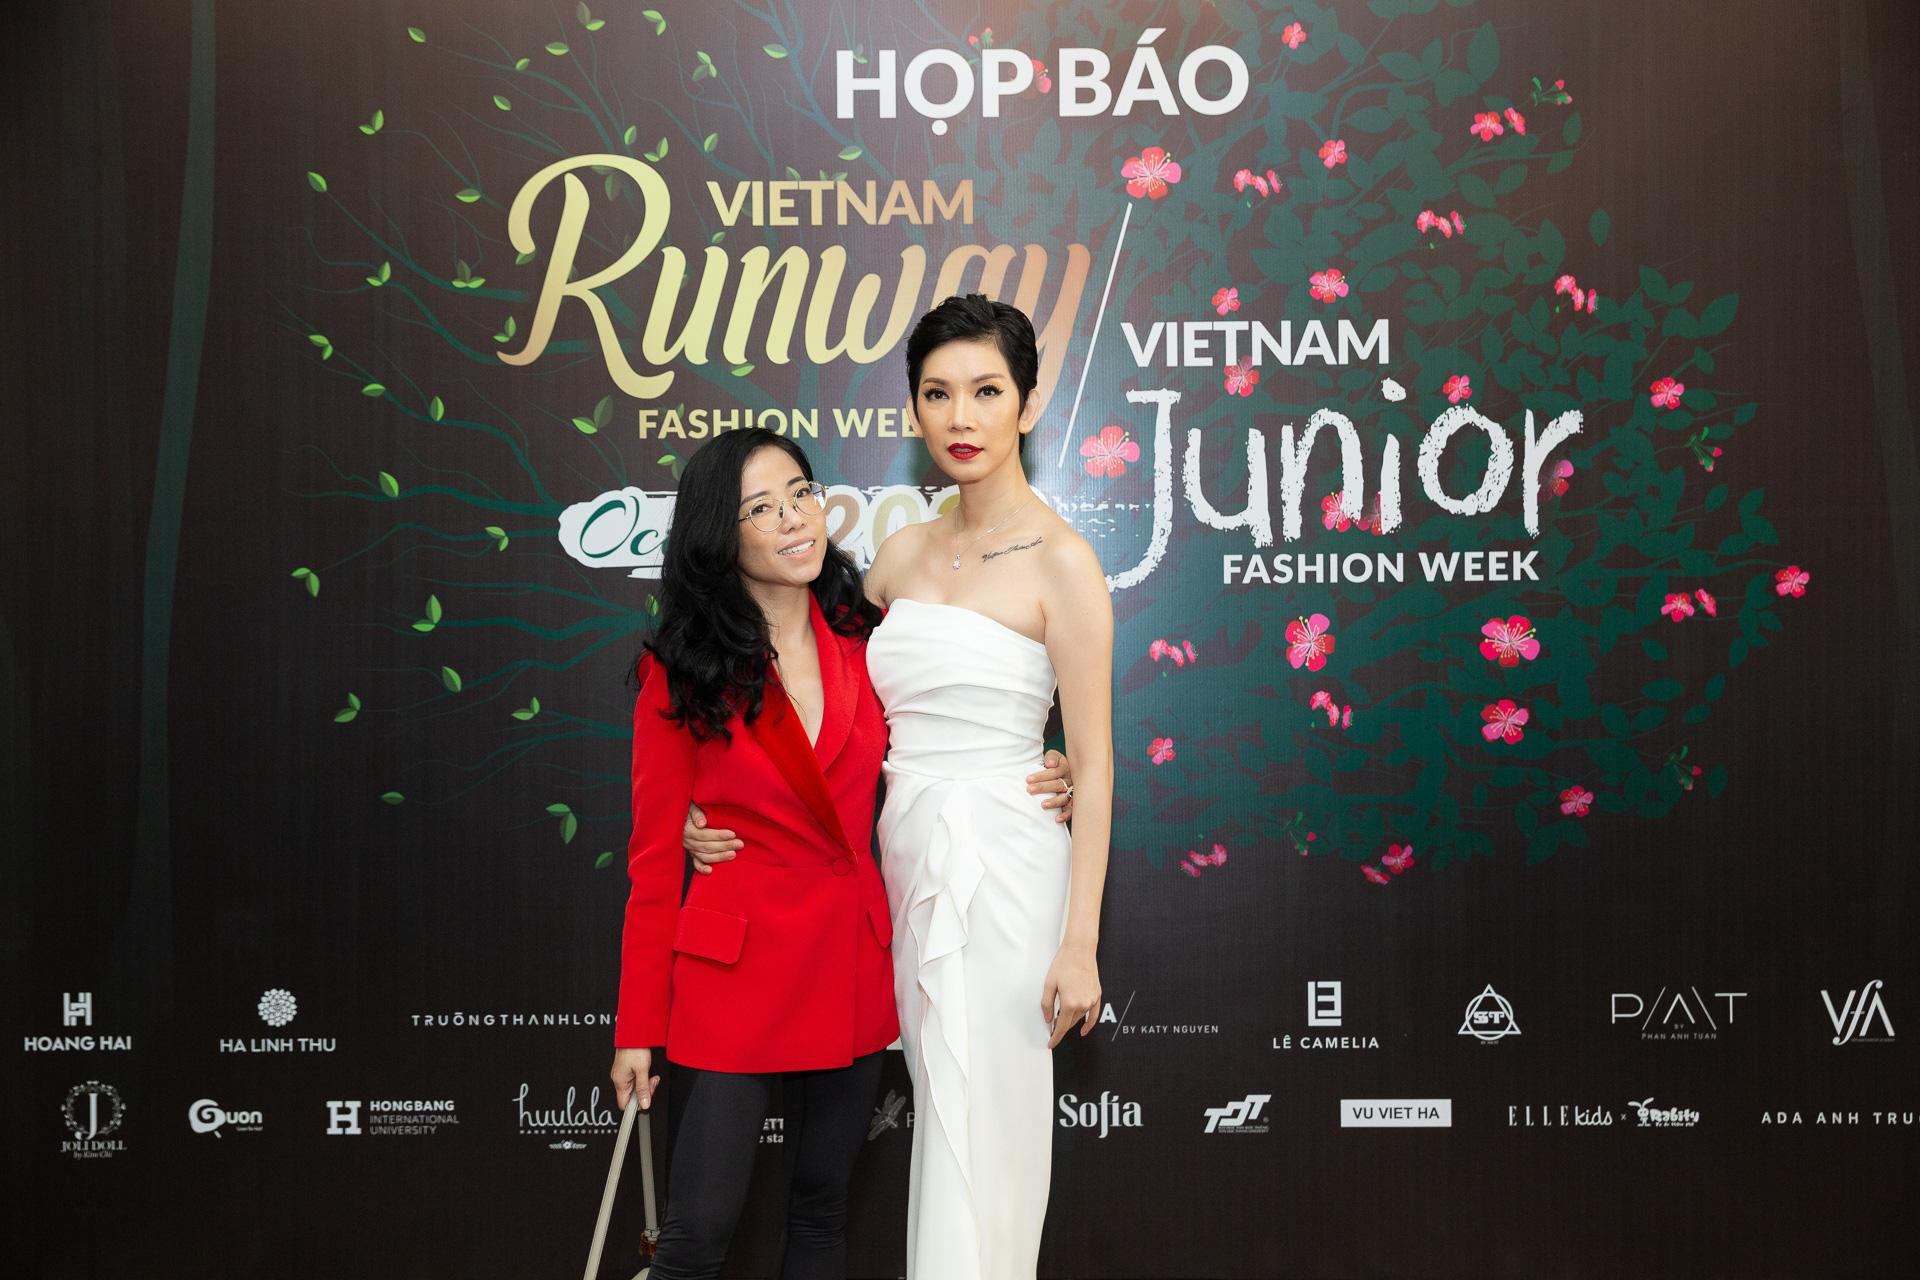 Hoàng Hải, Hà Linh Thư mở màn show diễn thời trang Vietnam Runway Fashion Week  - Ảnh 1.